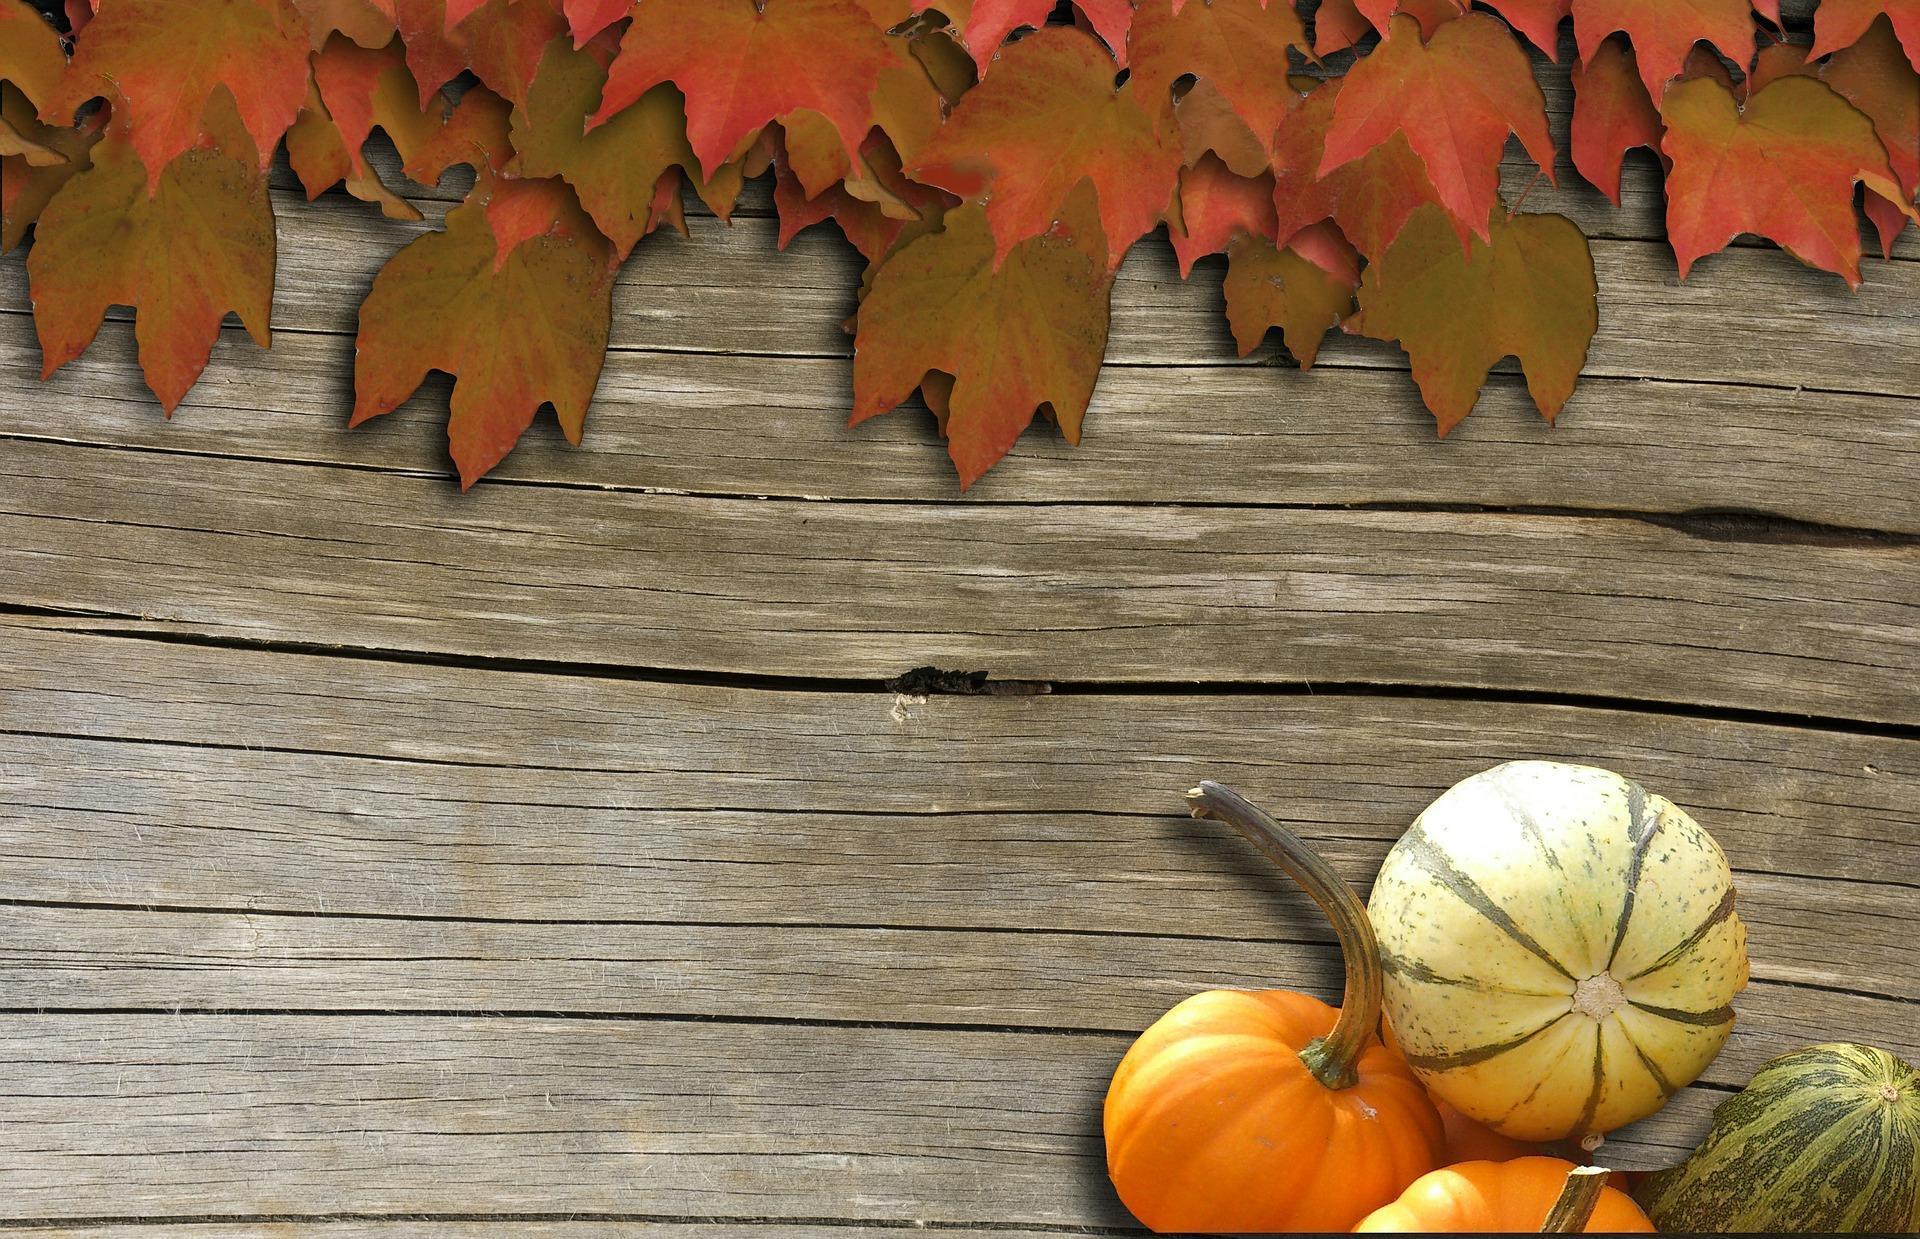 automne-montages-photos-avec-des-feuilles_3